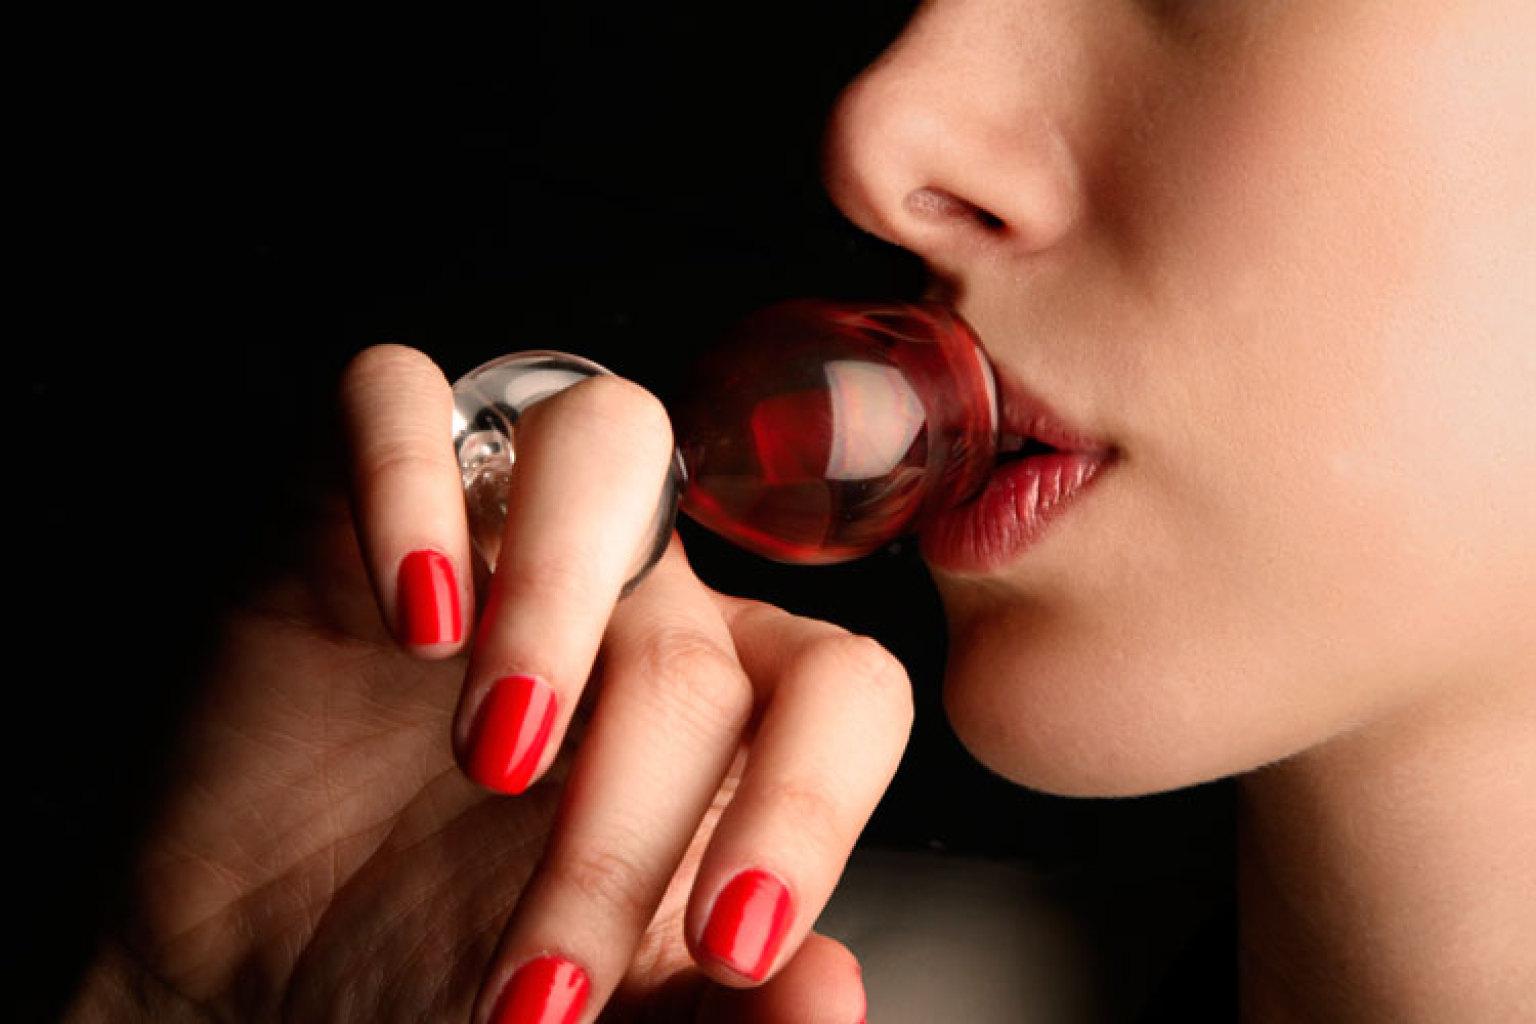 Ринг глас, или чаша-пръстен, сътворена от находчив дизайнер, за да се подчертае бутиковото значение на напитката – не за напиване, а за удоволствие.